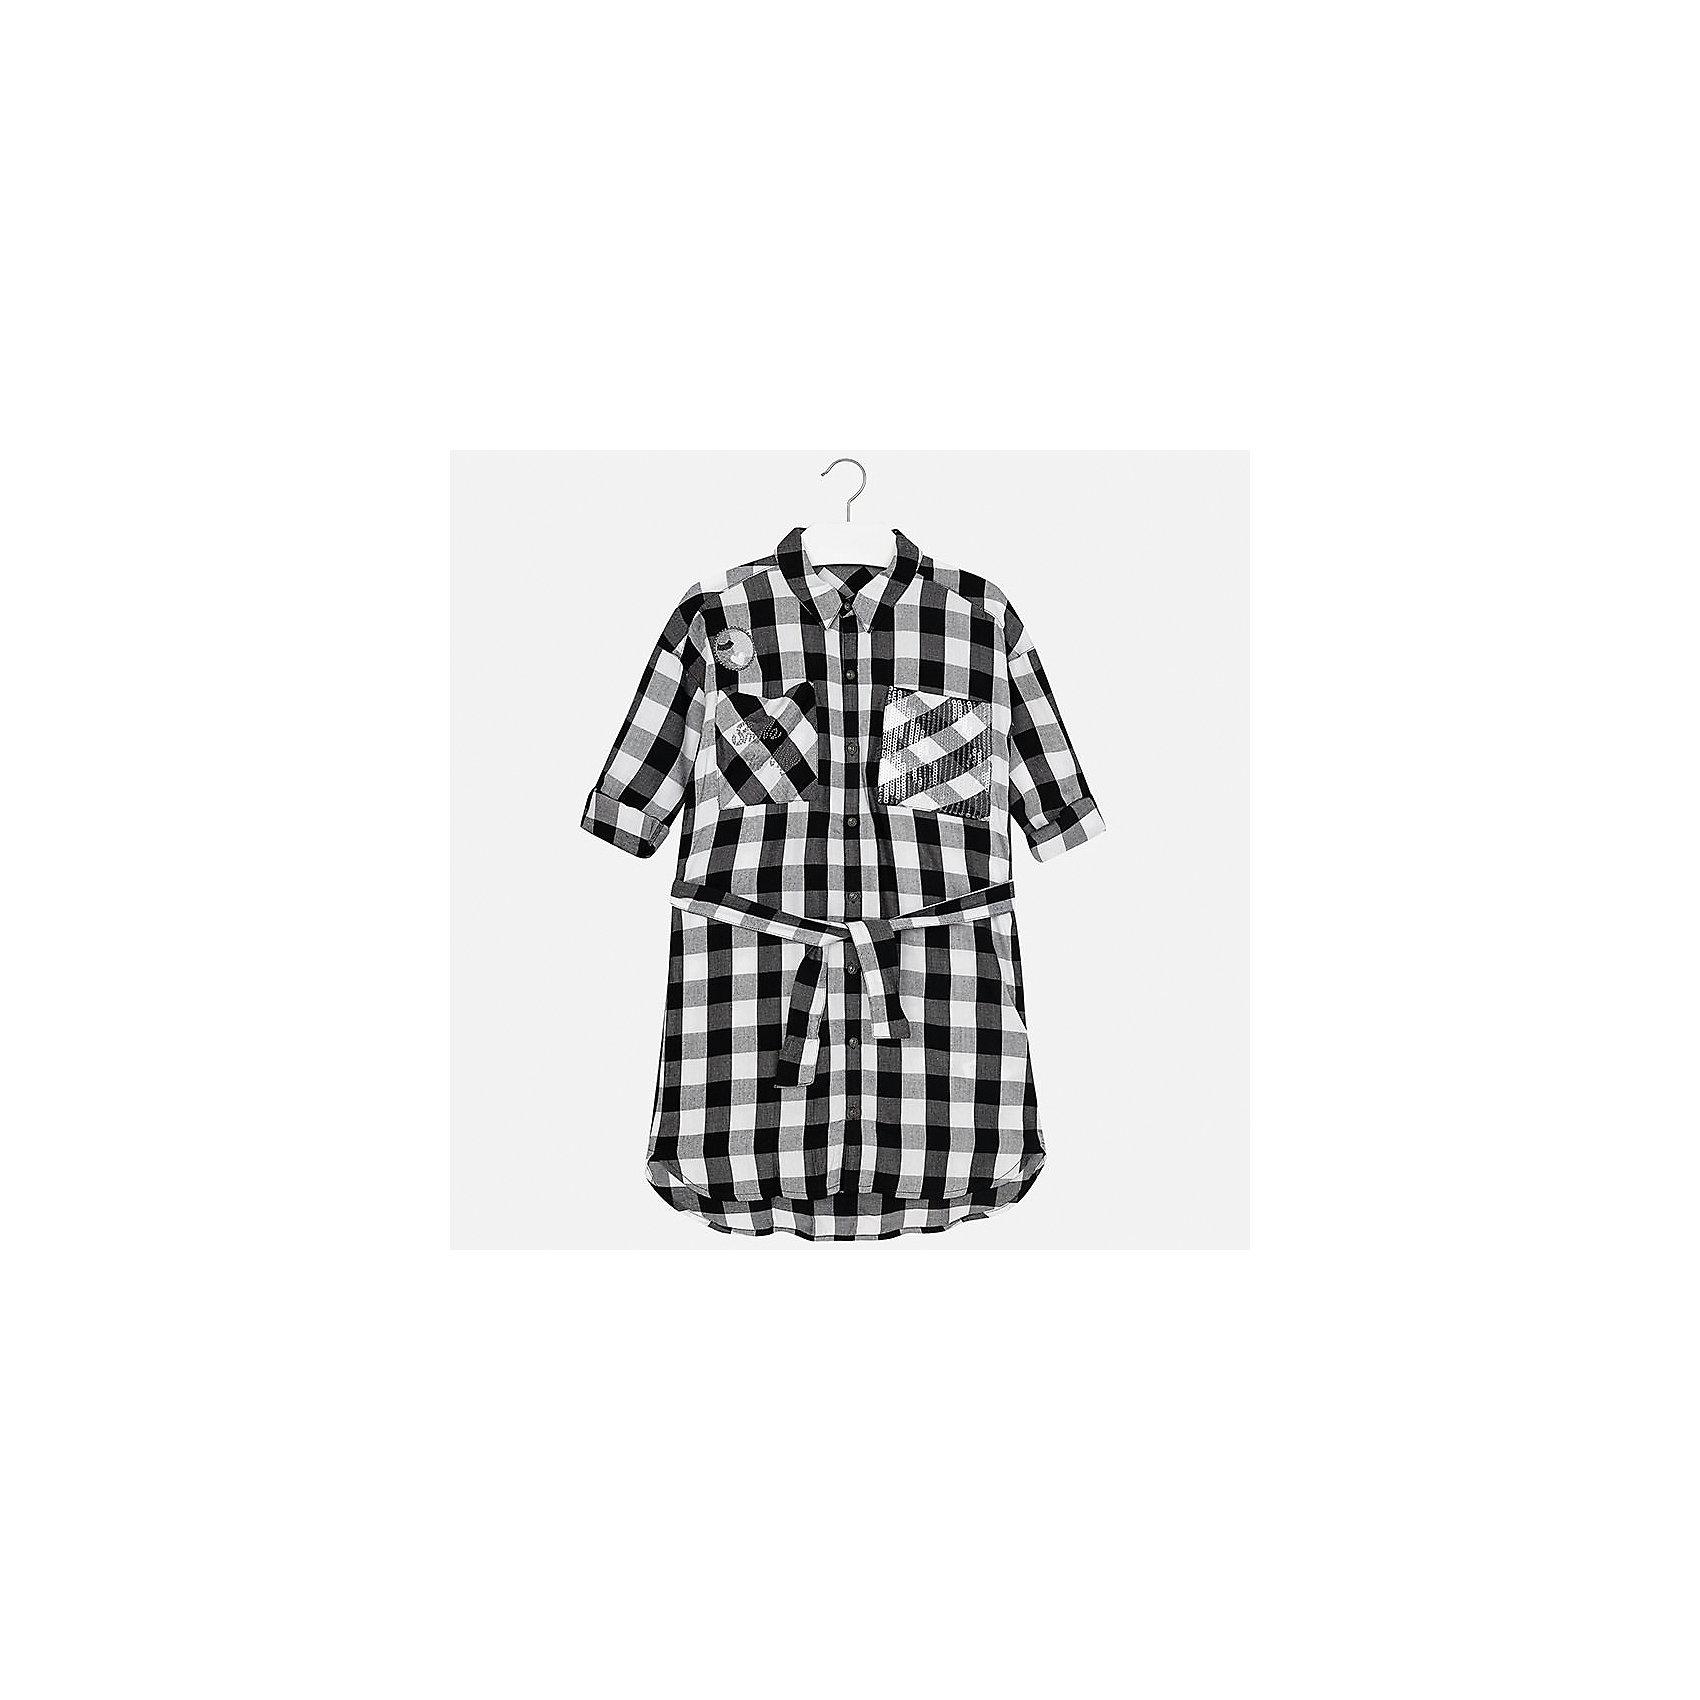 Платье для девочки MayoralХарактеристики товара:<br><br>• цвет: черно-белый<br>• состав: 100% вискоза<br>• застежка: пуговицы<br>• карманы<br>• пояс<br>• отложной воротник<br>• страна бренда: Испания<br><br>Стильное платье для девочки поможет разнообразить гардероб ребенка и создать эффектный наряд. Оно подойдет для различных случаев. Универсальный цвет позволяет подобрать к вещи обувь разных расцветок. Платье хорошо сидит по фигуре.<br><br>Одежда, обувь и аксессуары от испанского бренда Mayoral полюбились детям и взрослым по всему миру. Модели этой марки - стильные и удобные. Для их производства используются только безопасные, качественные материалы и фурнитура. Порадуйте ребенка модными и красивыми вещами от Mayoral! <br><br>Платье для девочки от испанского бренда Mayoral (Майорал) можно купить в нашем интернет-магазине.<br><br>Ширина мм: 236<br>Глубина мм: 16<br>Высота мм: 184<br>Вес г: 177<br>Цвет: черный<br>Возраст от месяцев: 108<br>Возраст до месяцев: 120<br>Пол: Женский<br>Возраст: Детский<br>Размер: 140,152,158,164,170,128/134<br>SKU: 5293283